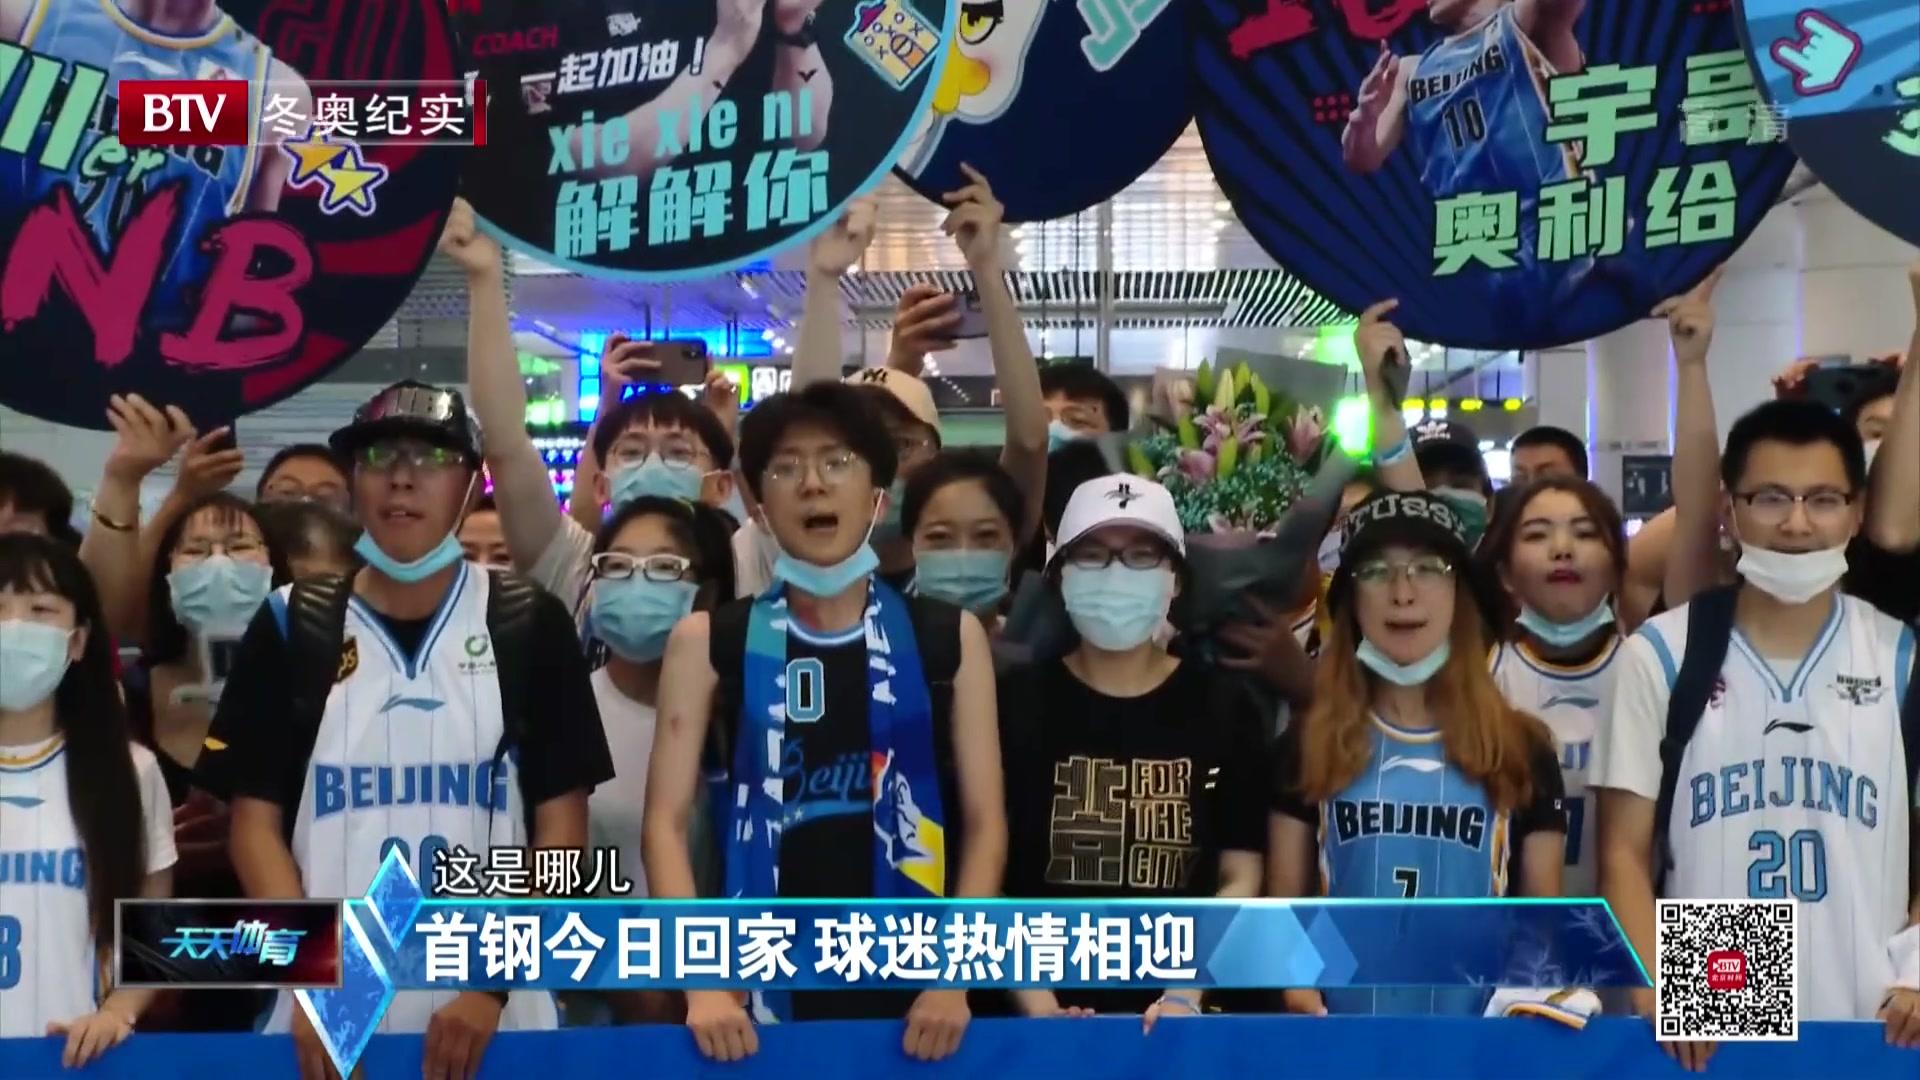 首钢男篮今日搭乘高铁返回北京 不少球迷赶到车站热情迎接